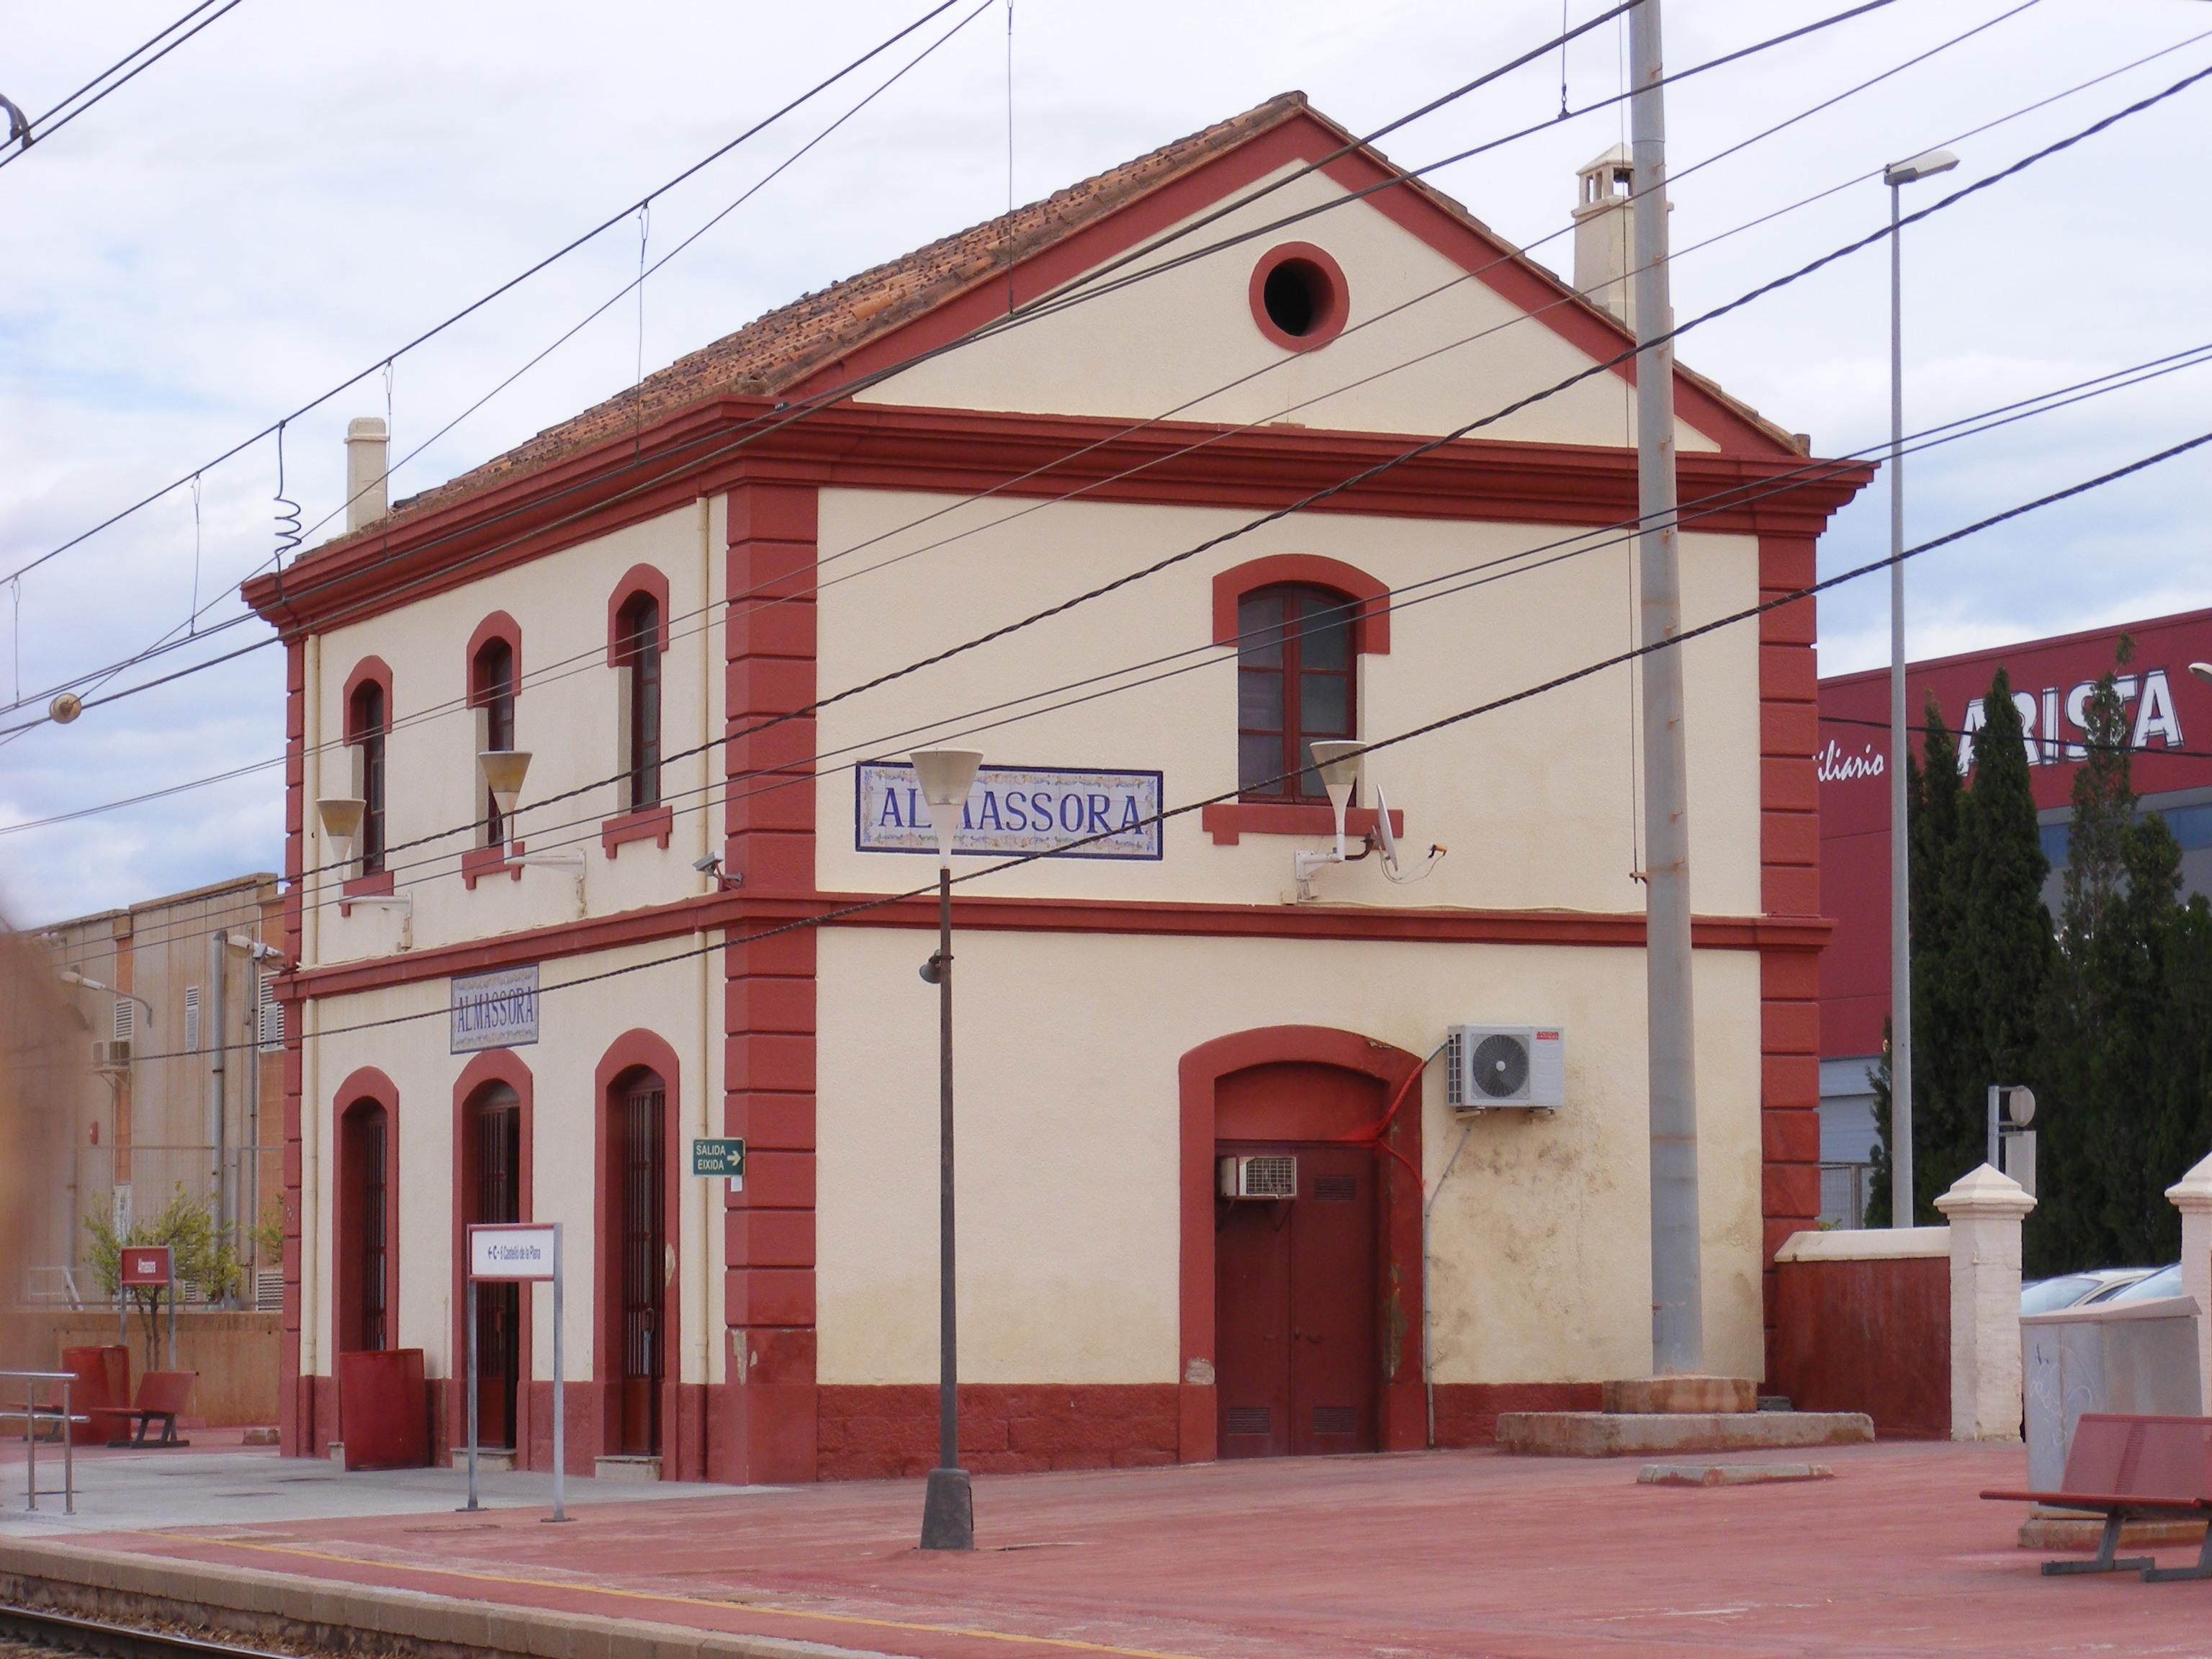 Estación de Almassora